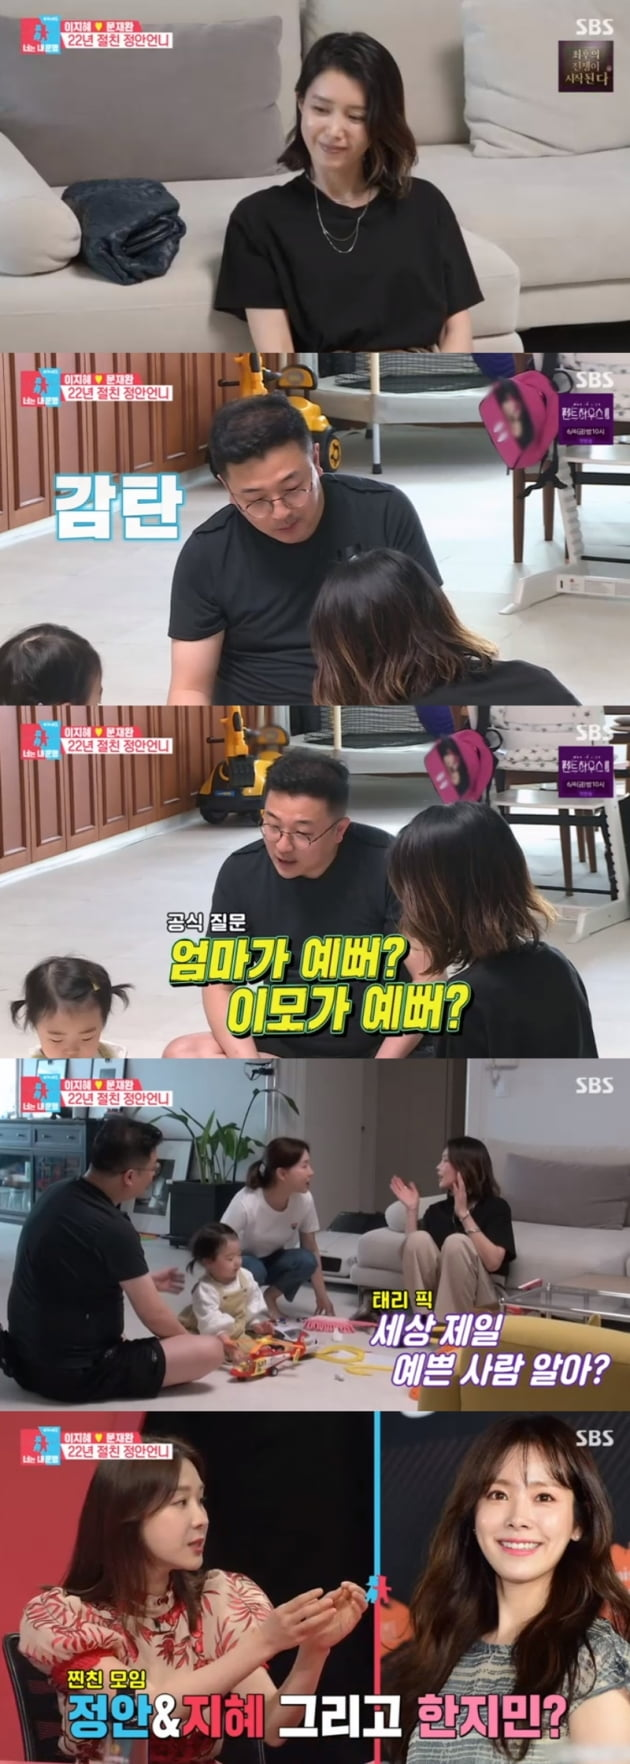 '동상이몽2' / 사진 = SBS 영상 캡처